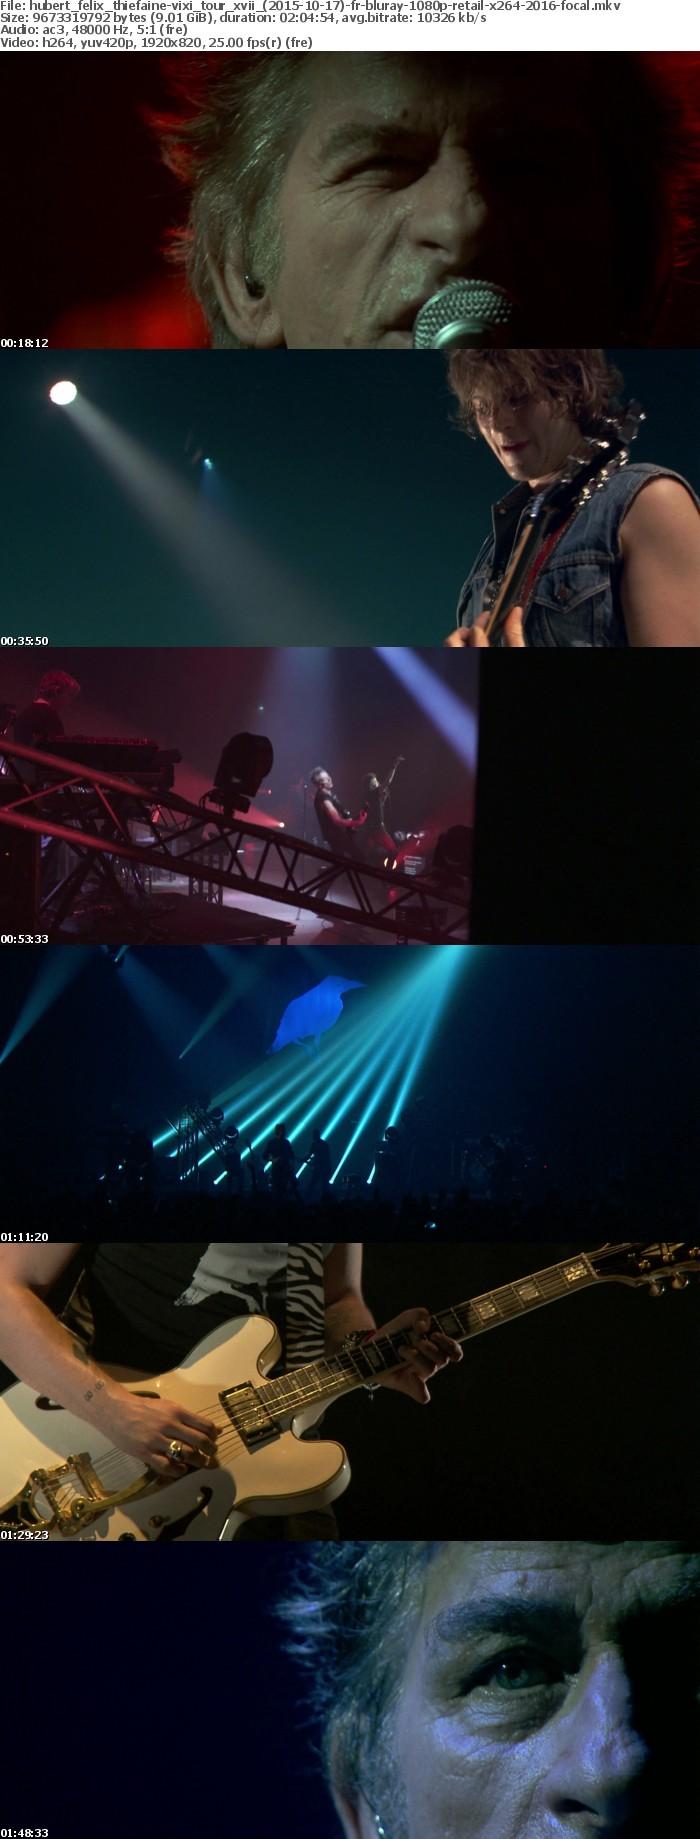 Hubert Felix Thiefaine-VIXI Tour XVII (2015-10-17)-FR-BluRay-1080p-RETAIL-x264-2016-FOCAL